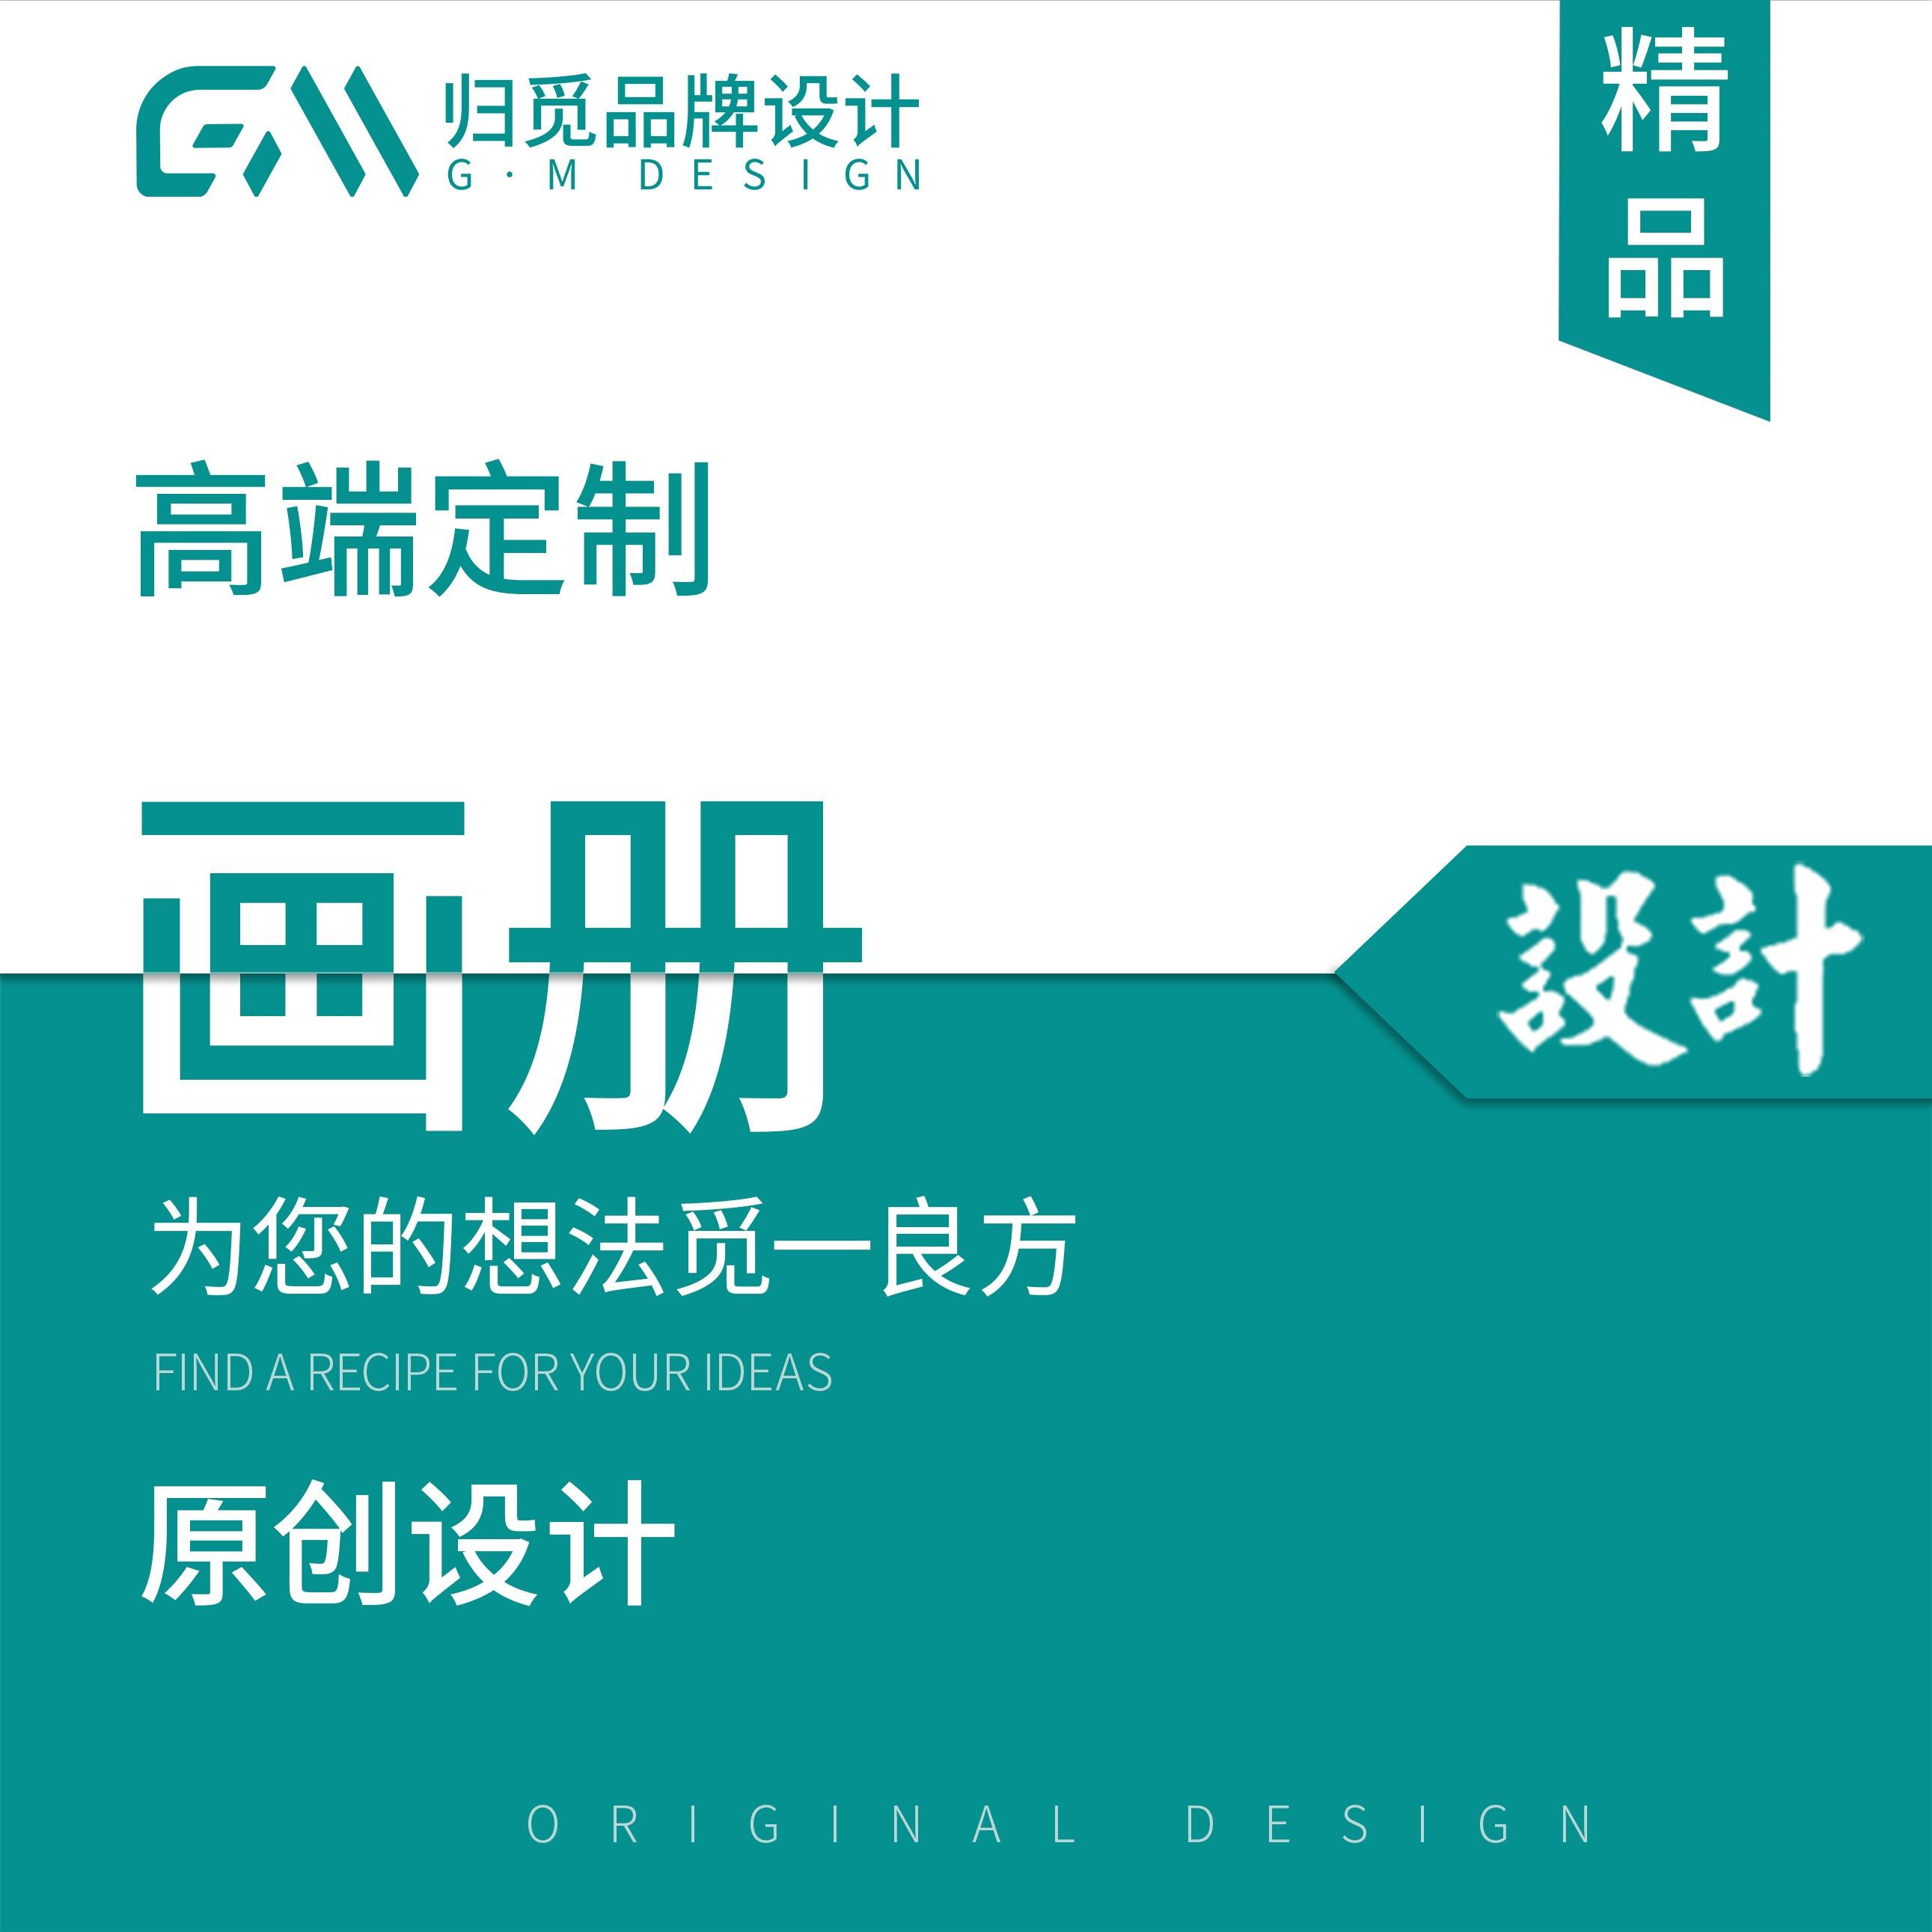 【产品手册】产品说明书企业宣传招商手册宣传品设计企业彩页海报